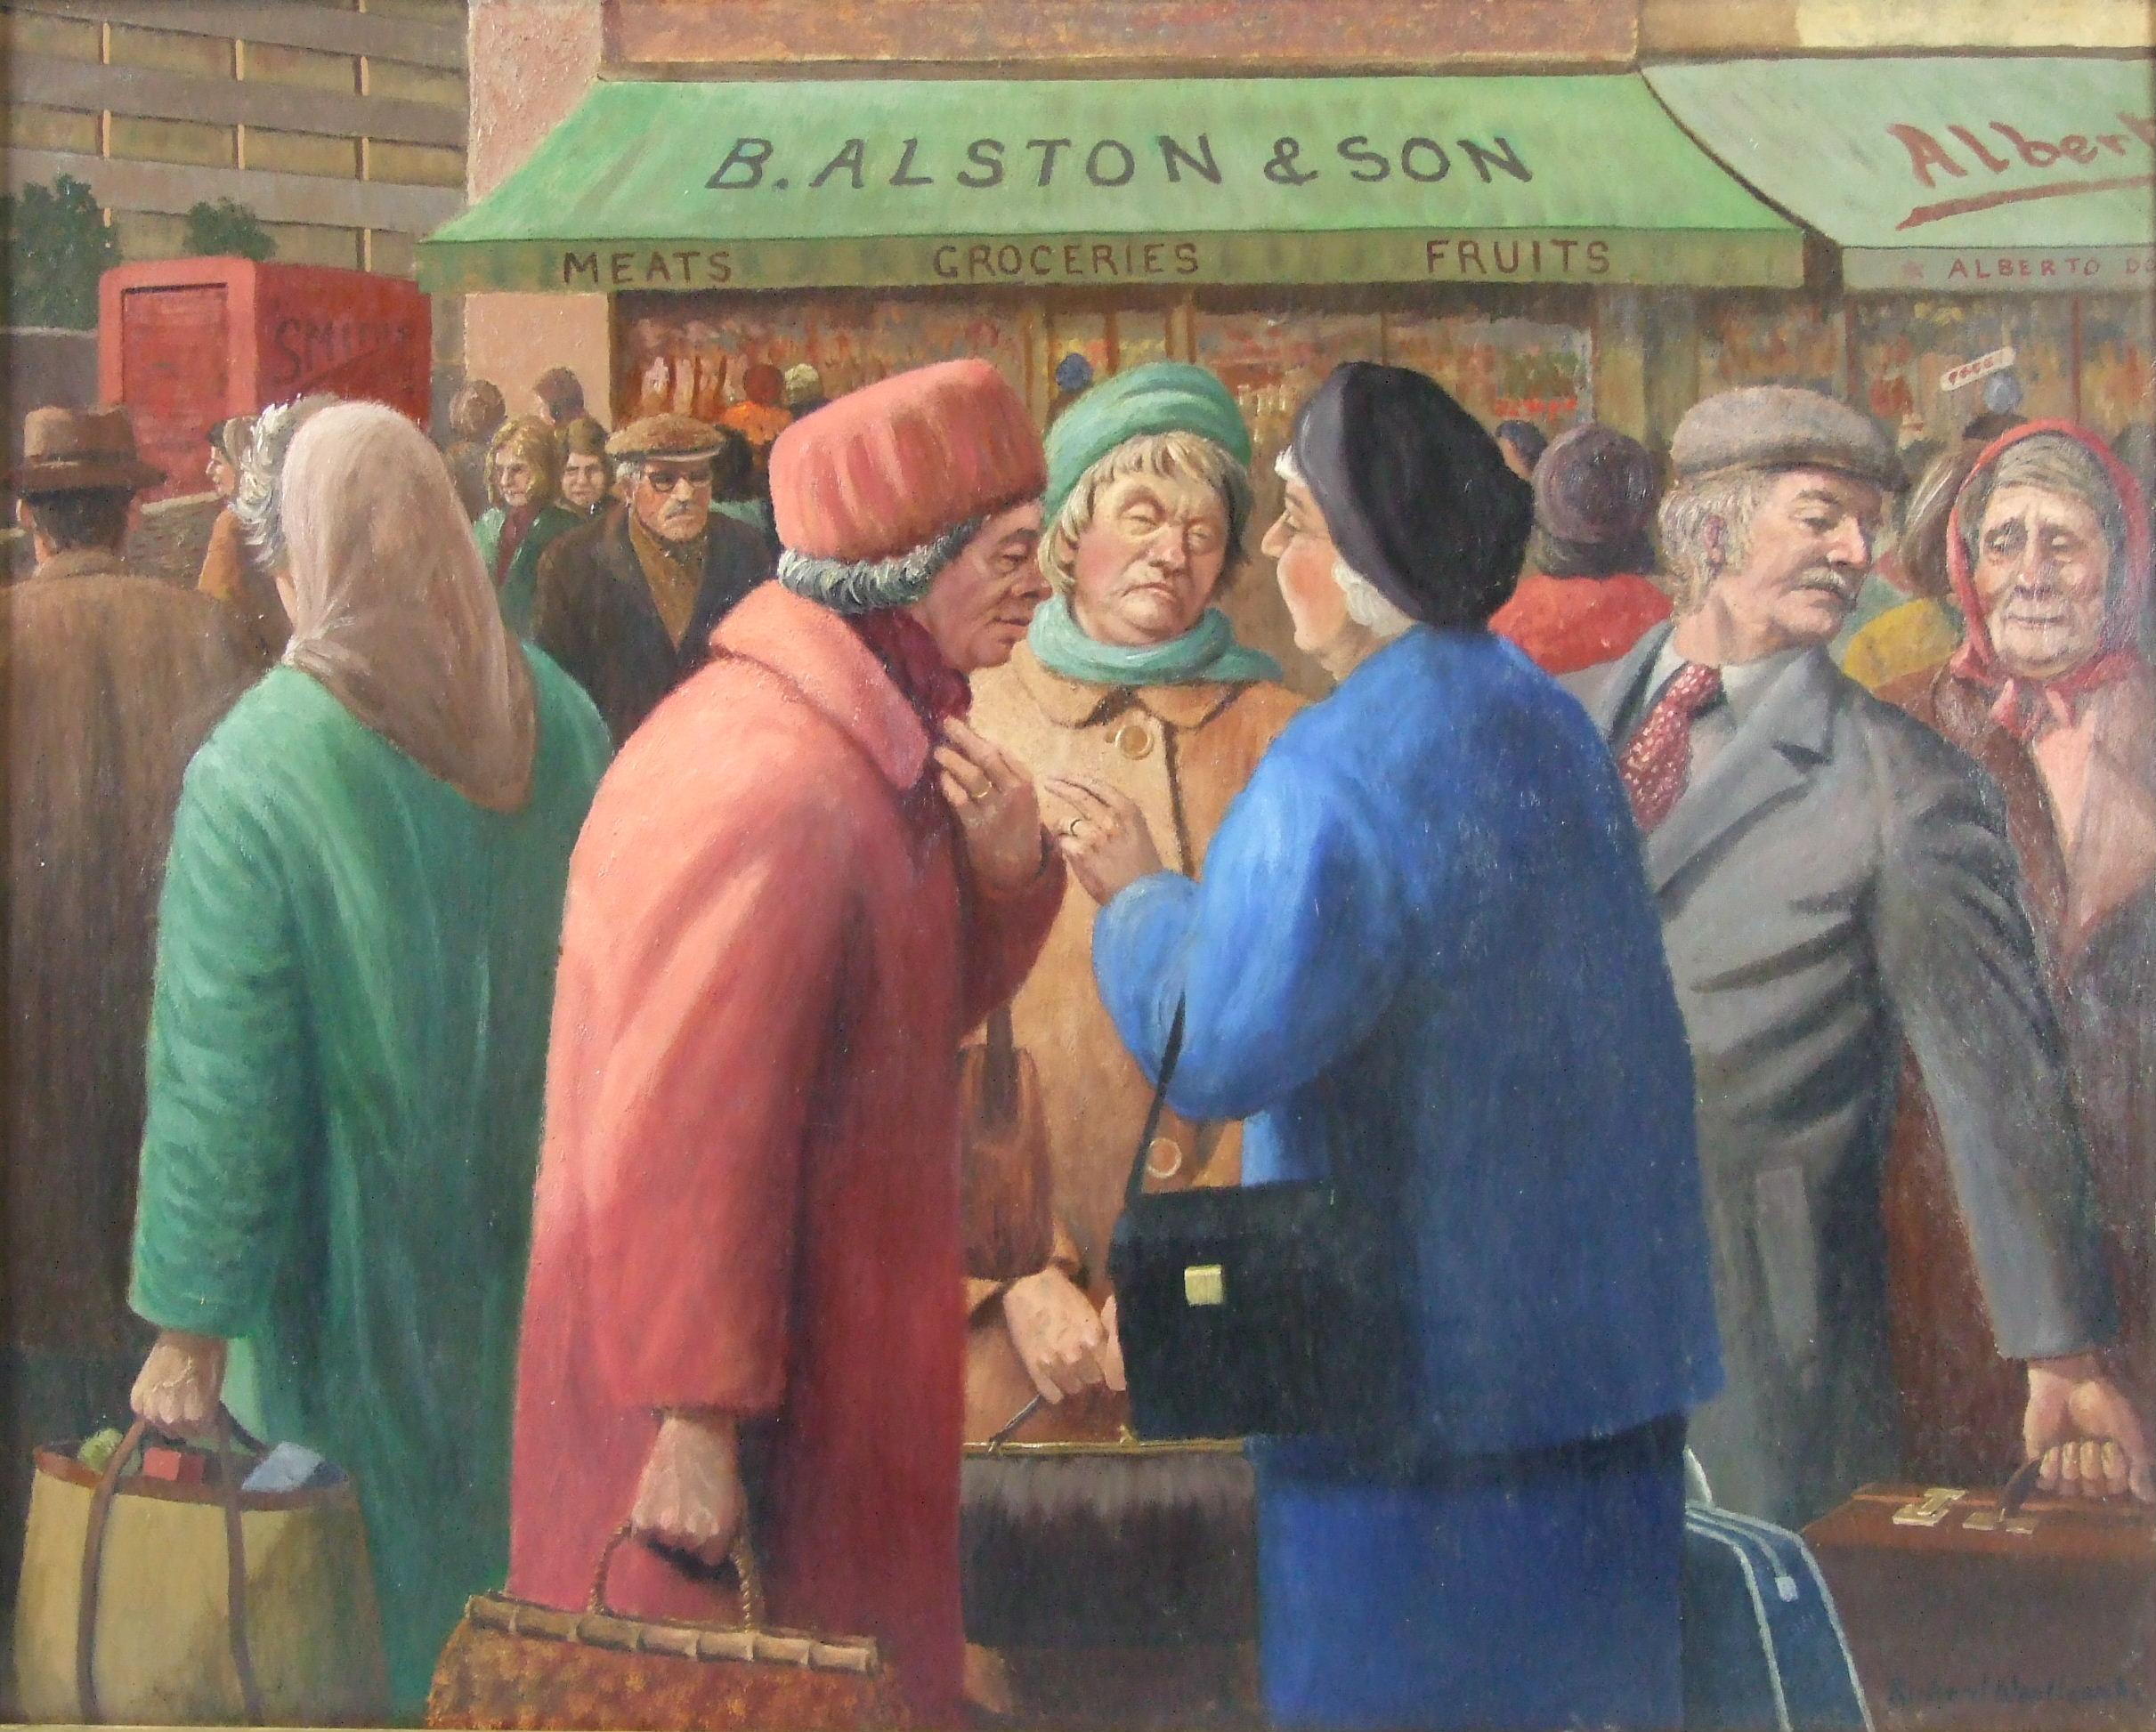 •THE GOSSIPS, THREE WOMEN TALKING AMONGST A CROWD OUTSIDE A SHOP Signed, framed oil on board, 59.5 x